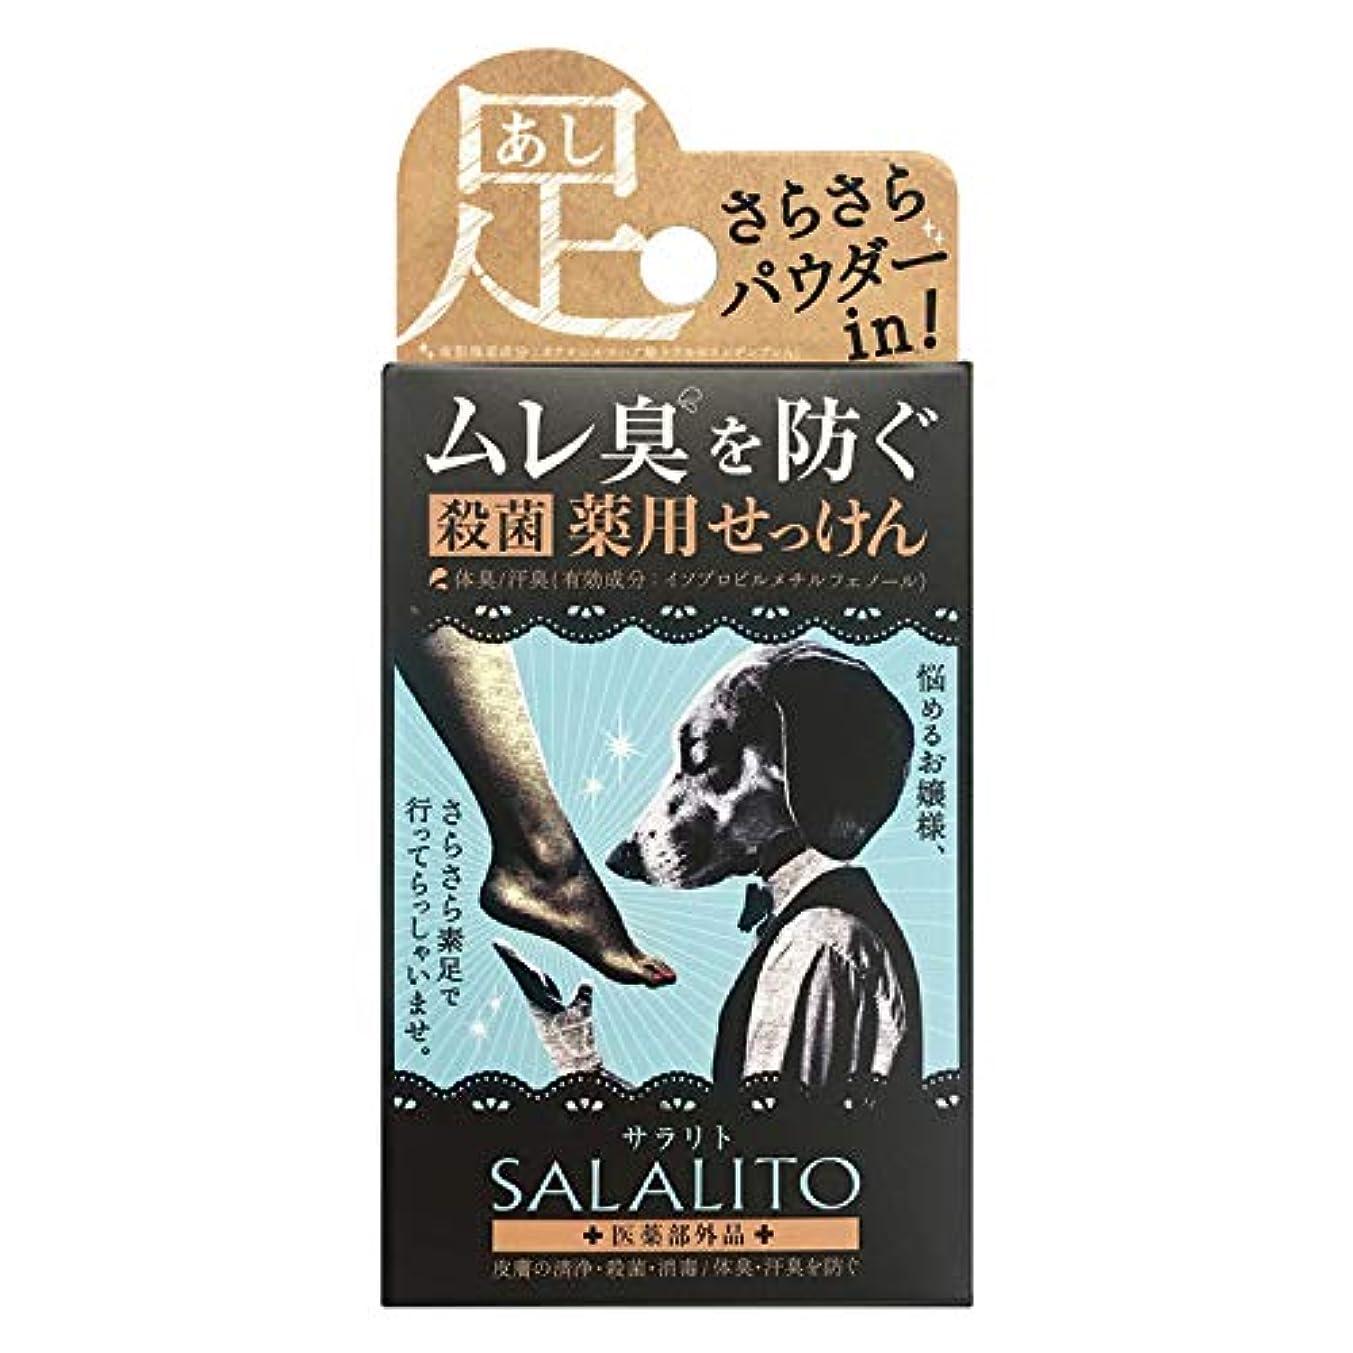 潜在的な国籍スリンクペリカン石鹸 薬用せっけんサラリト 足用 75g